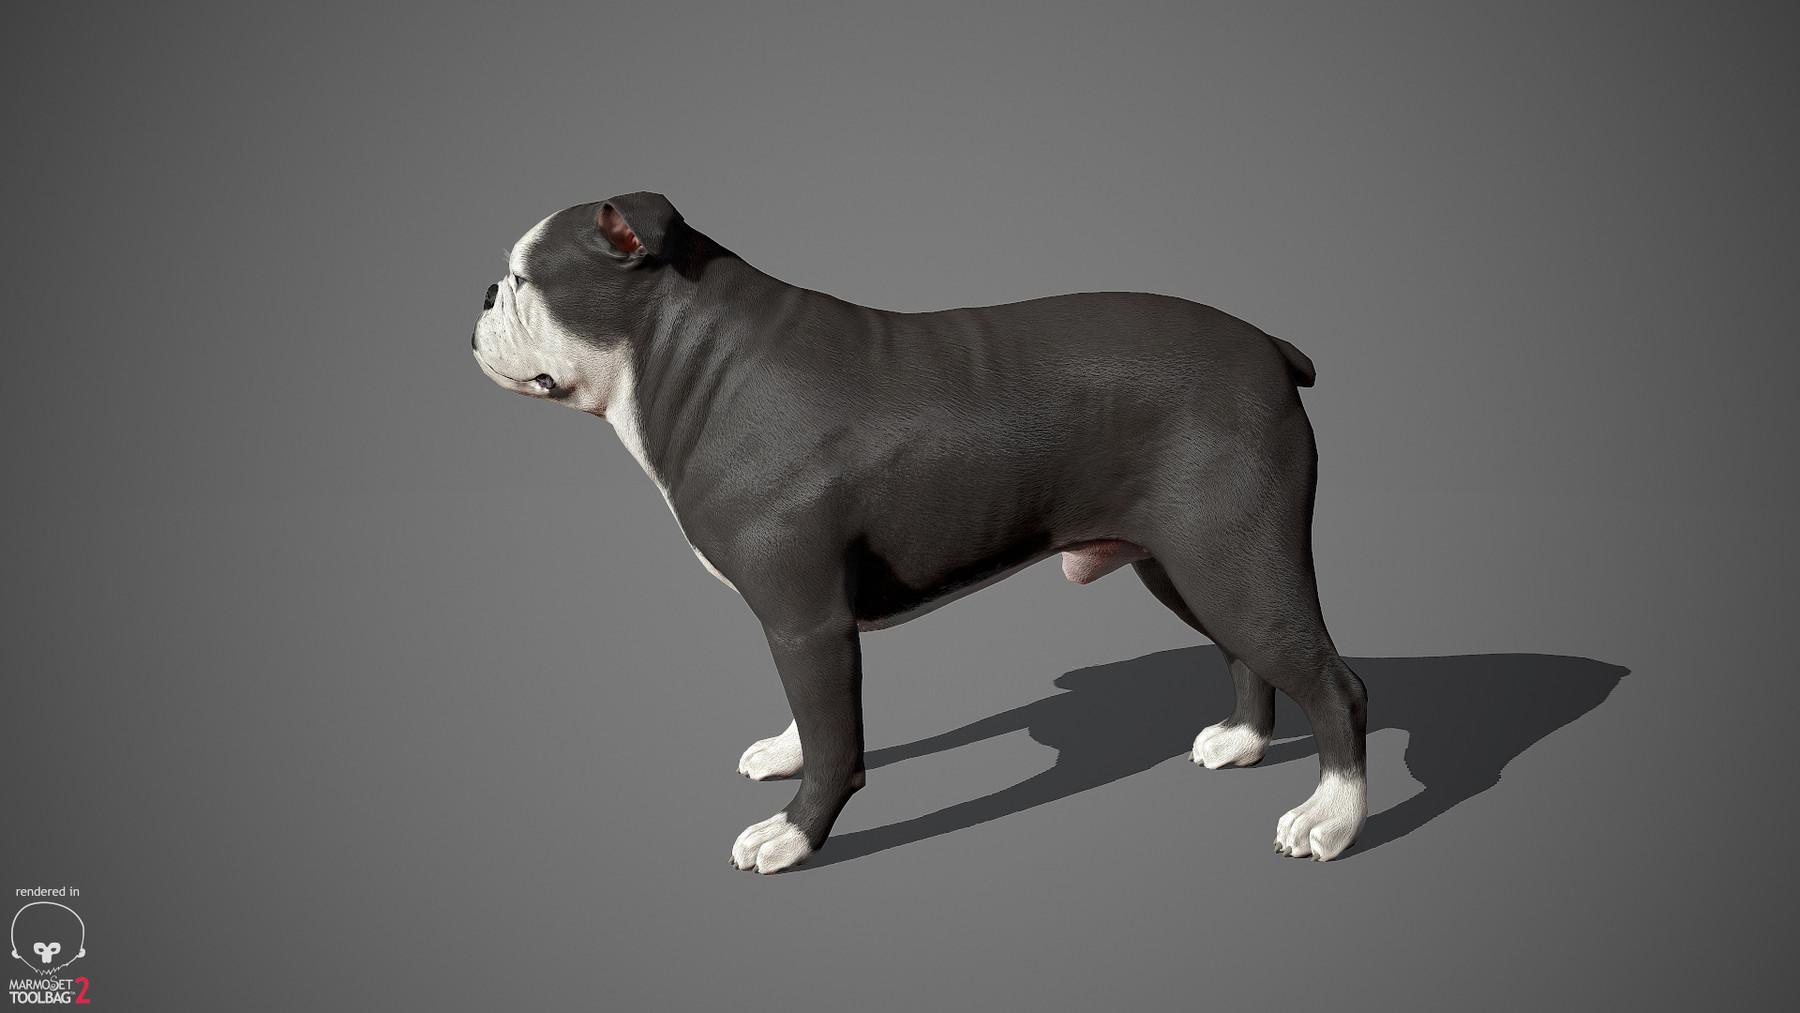 Englishbulldog by alexlashko marmoset 11